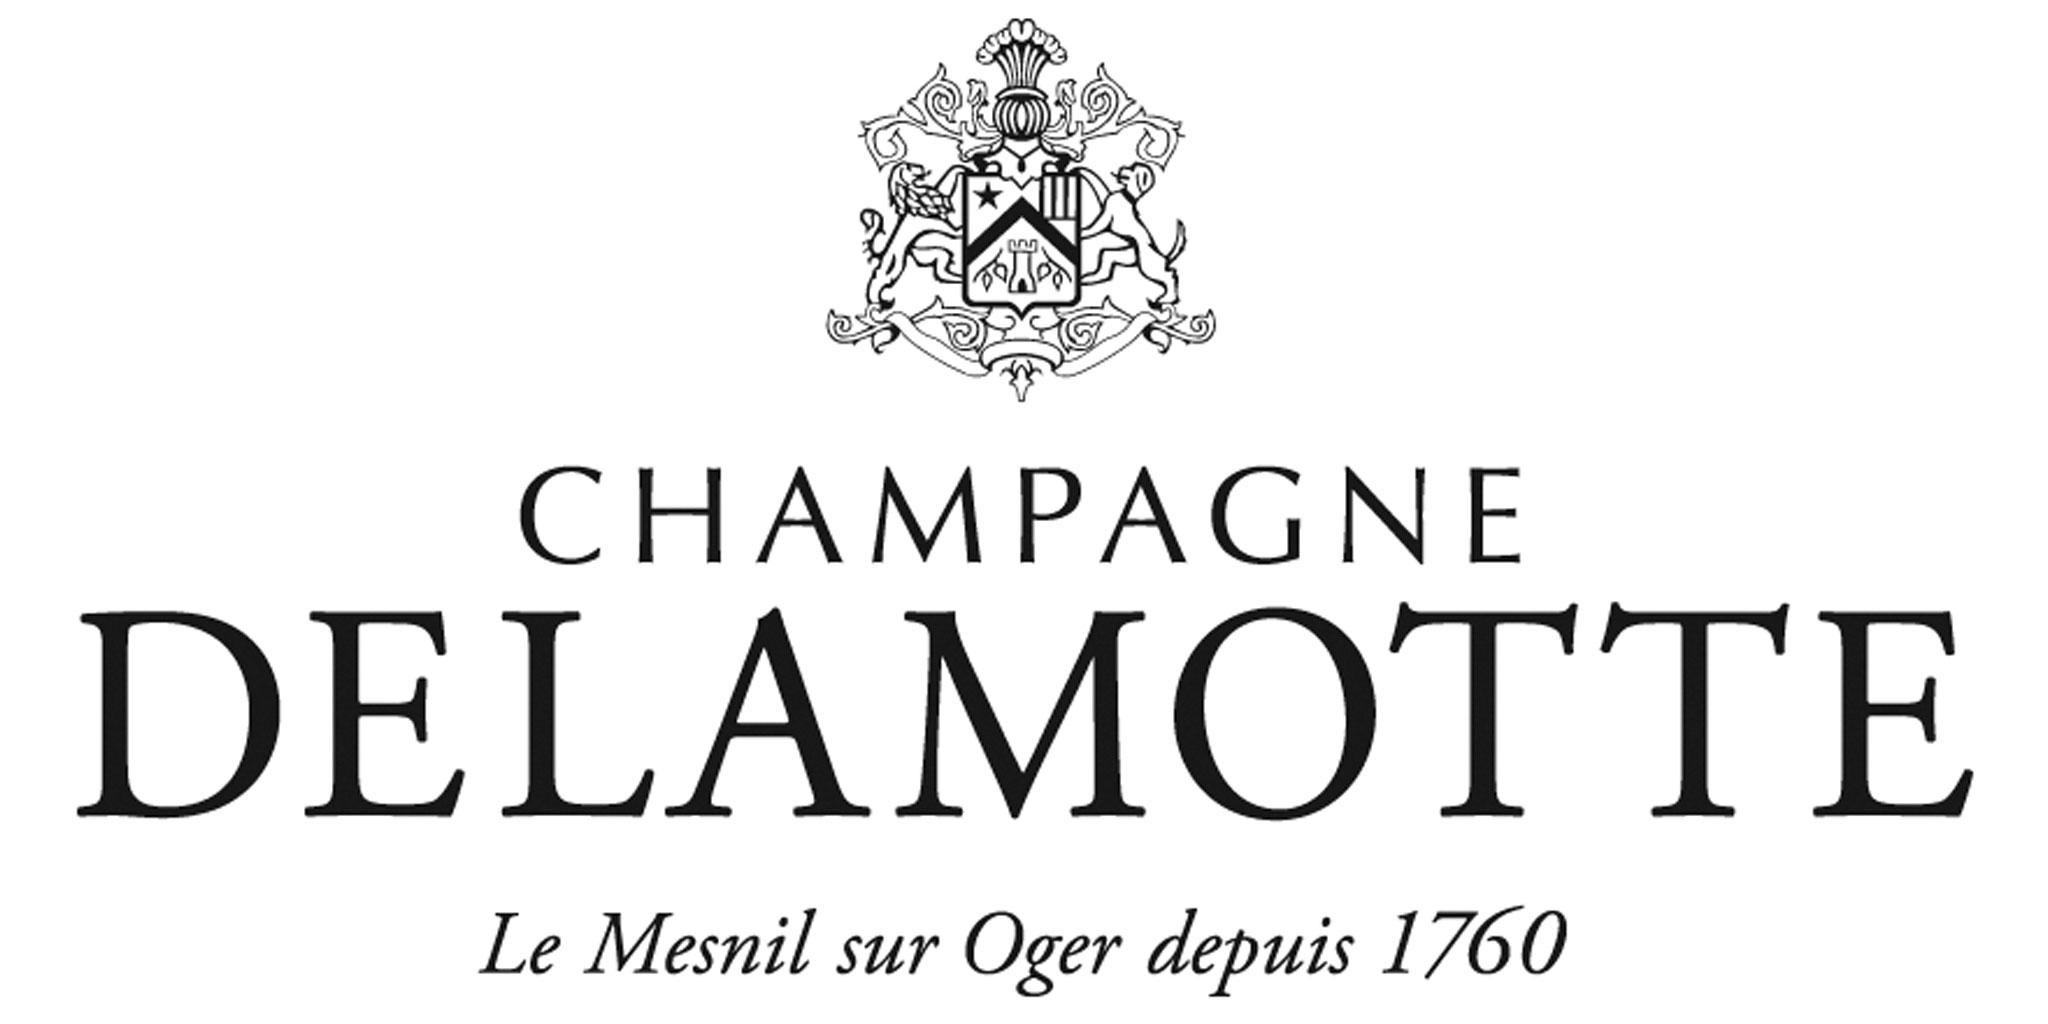 Delamotte champagne logo